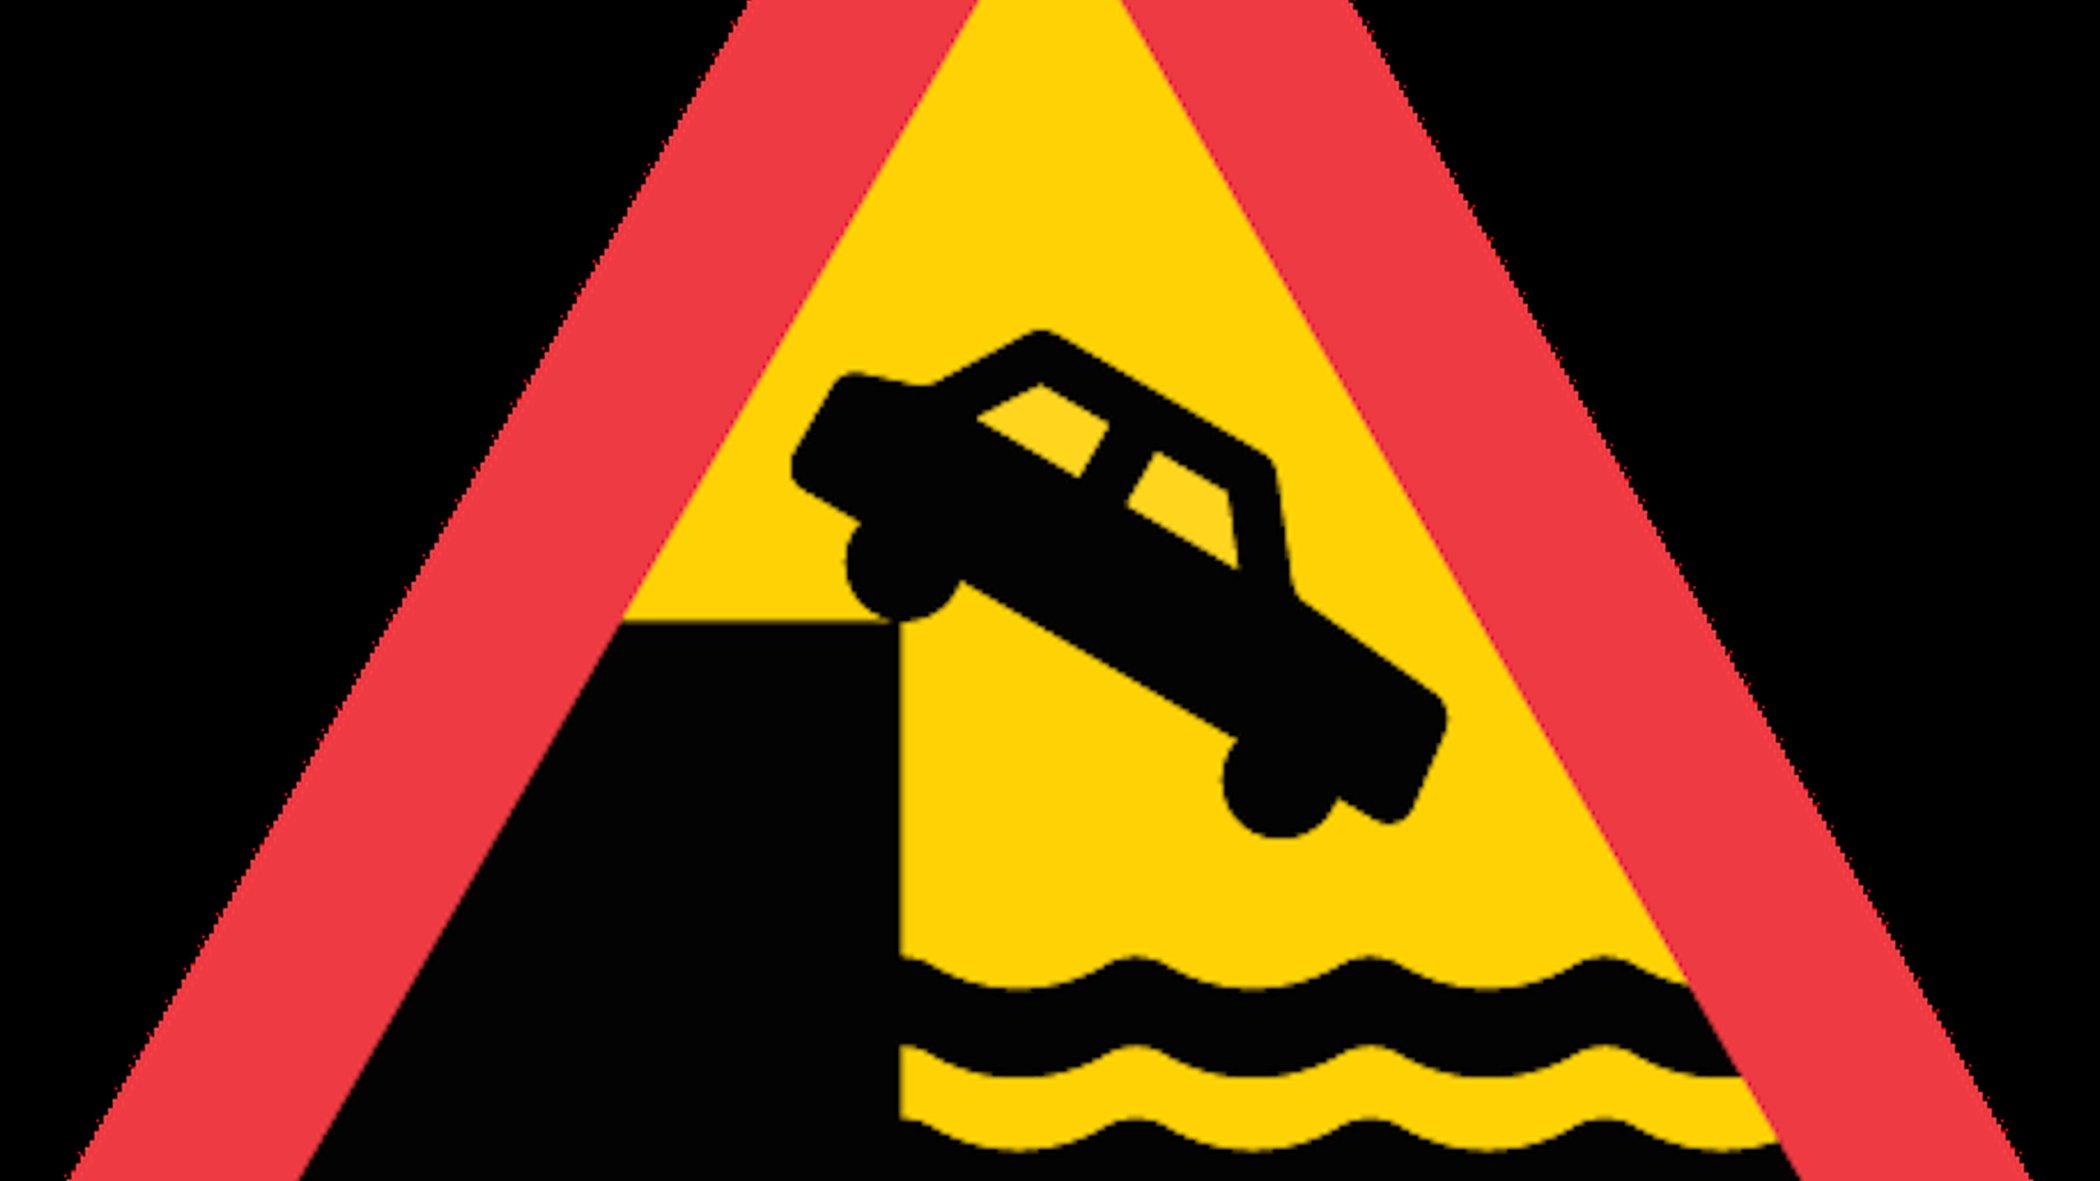 Världens bästa varningssymbol?